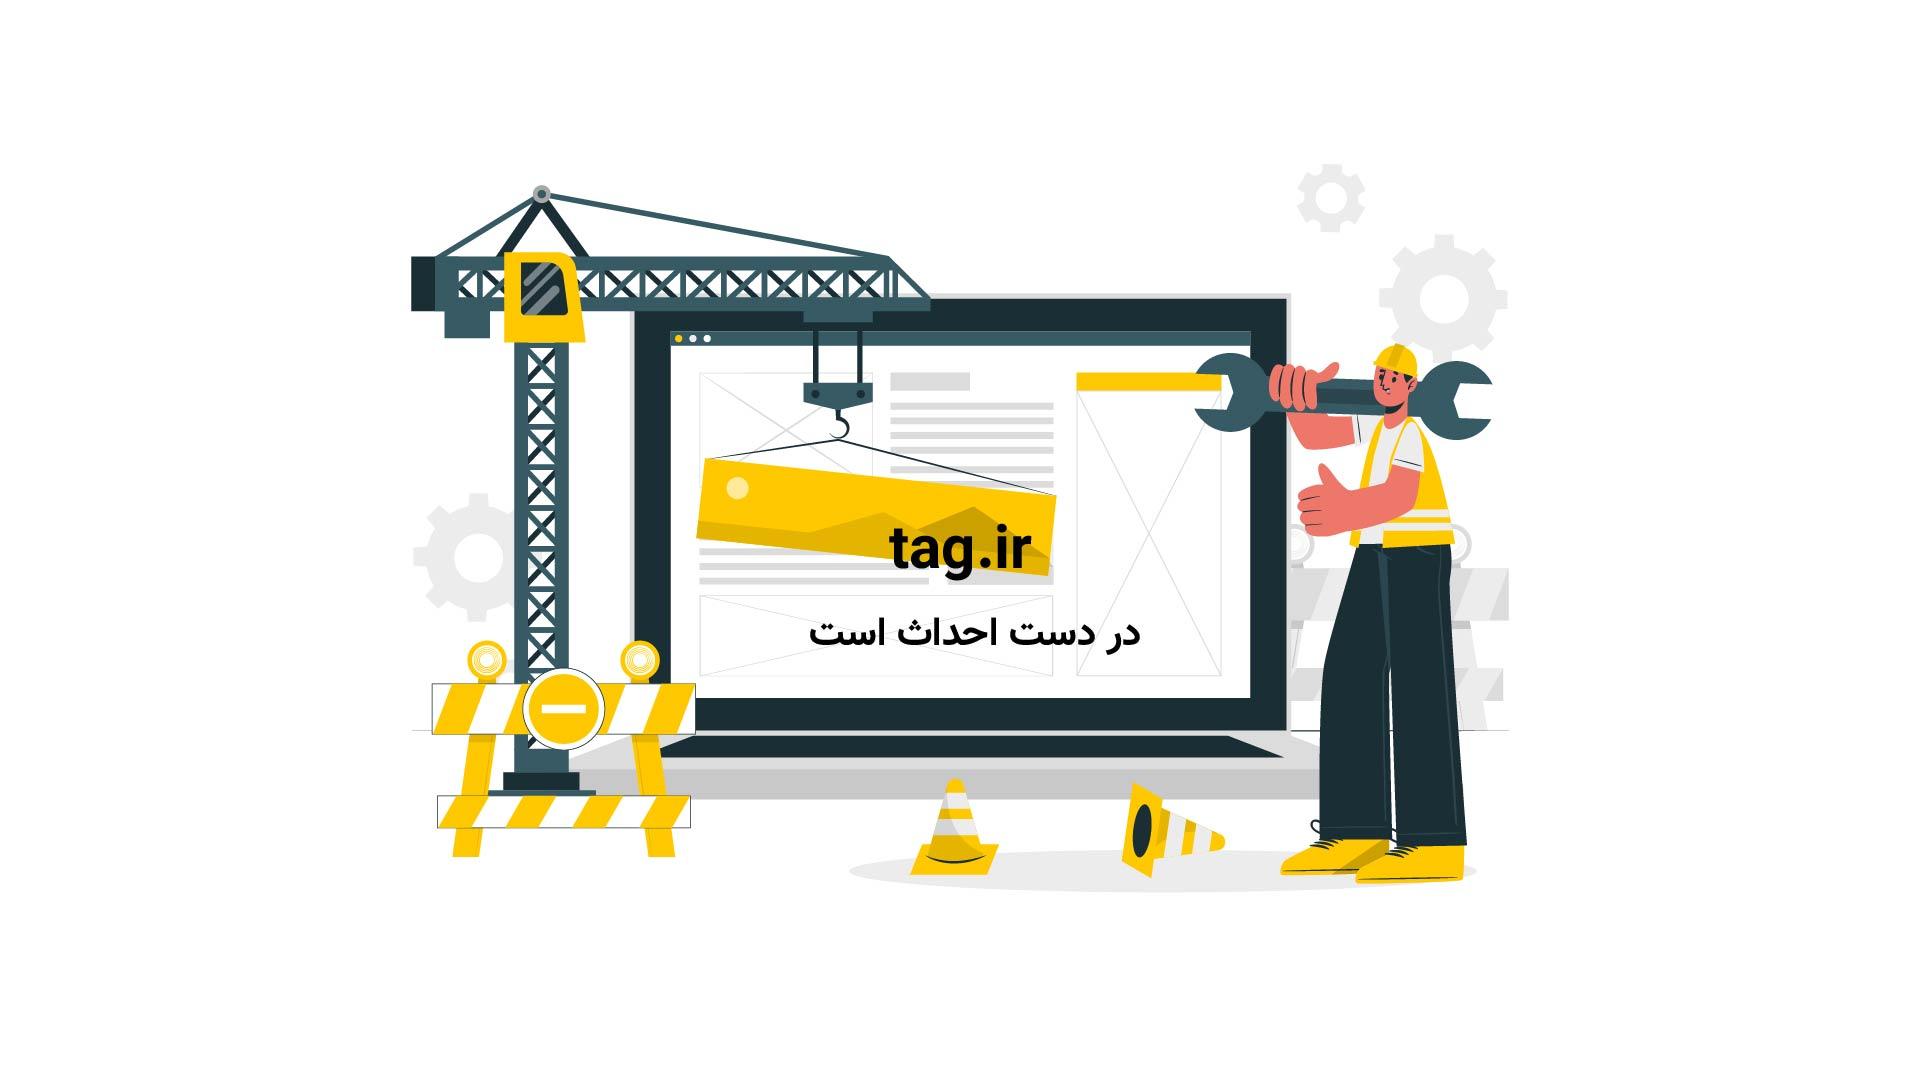 یک شیر نر جوان و زیبا را از نزدیک ببینید | تگ